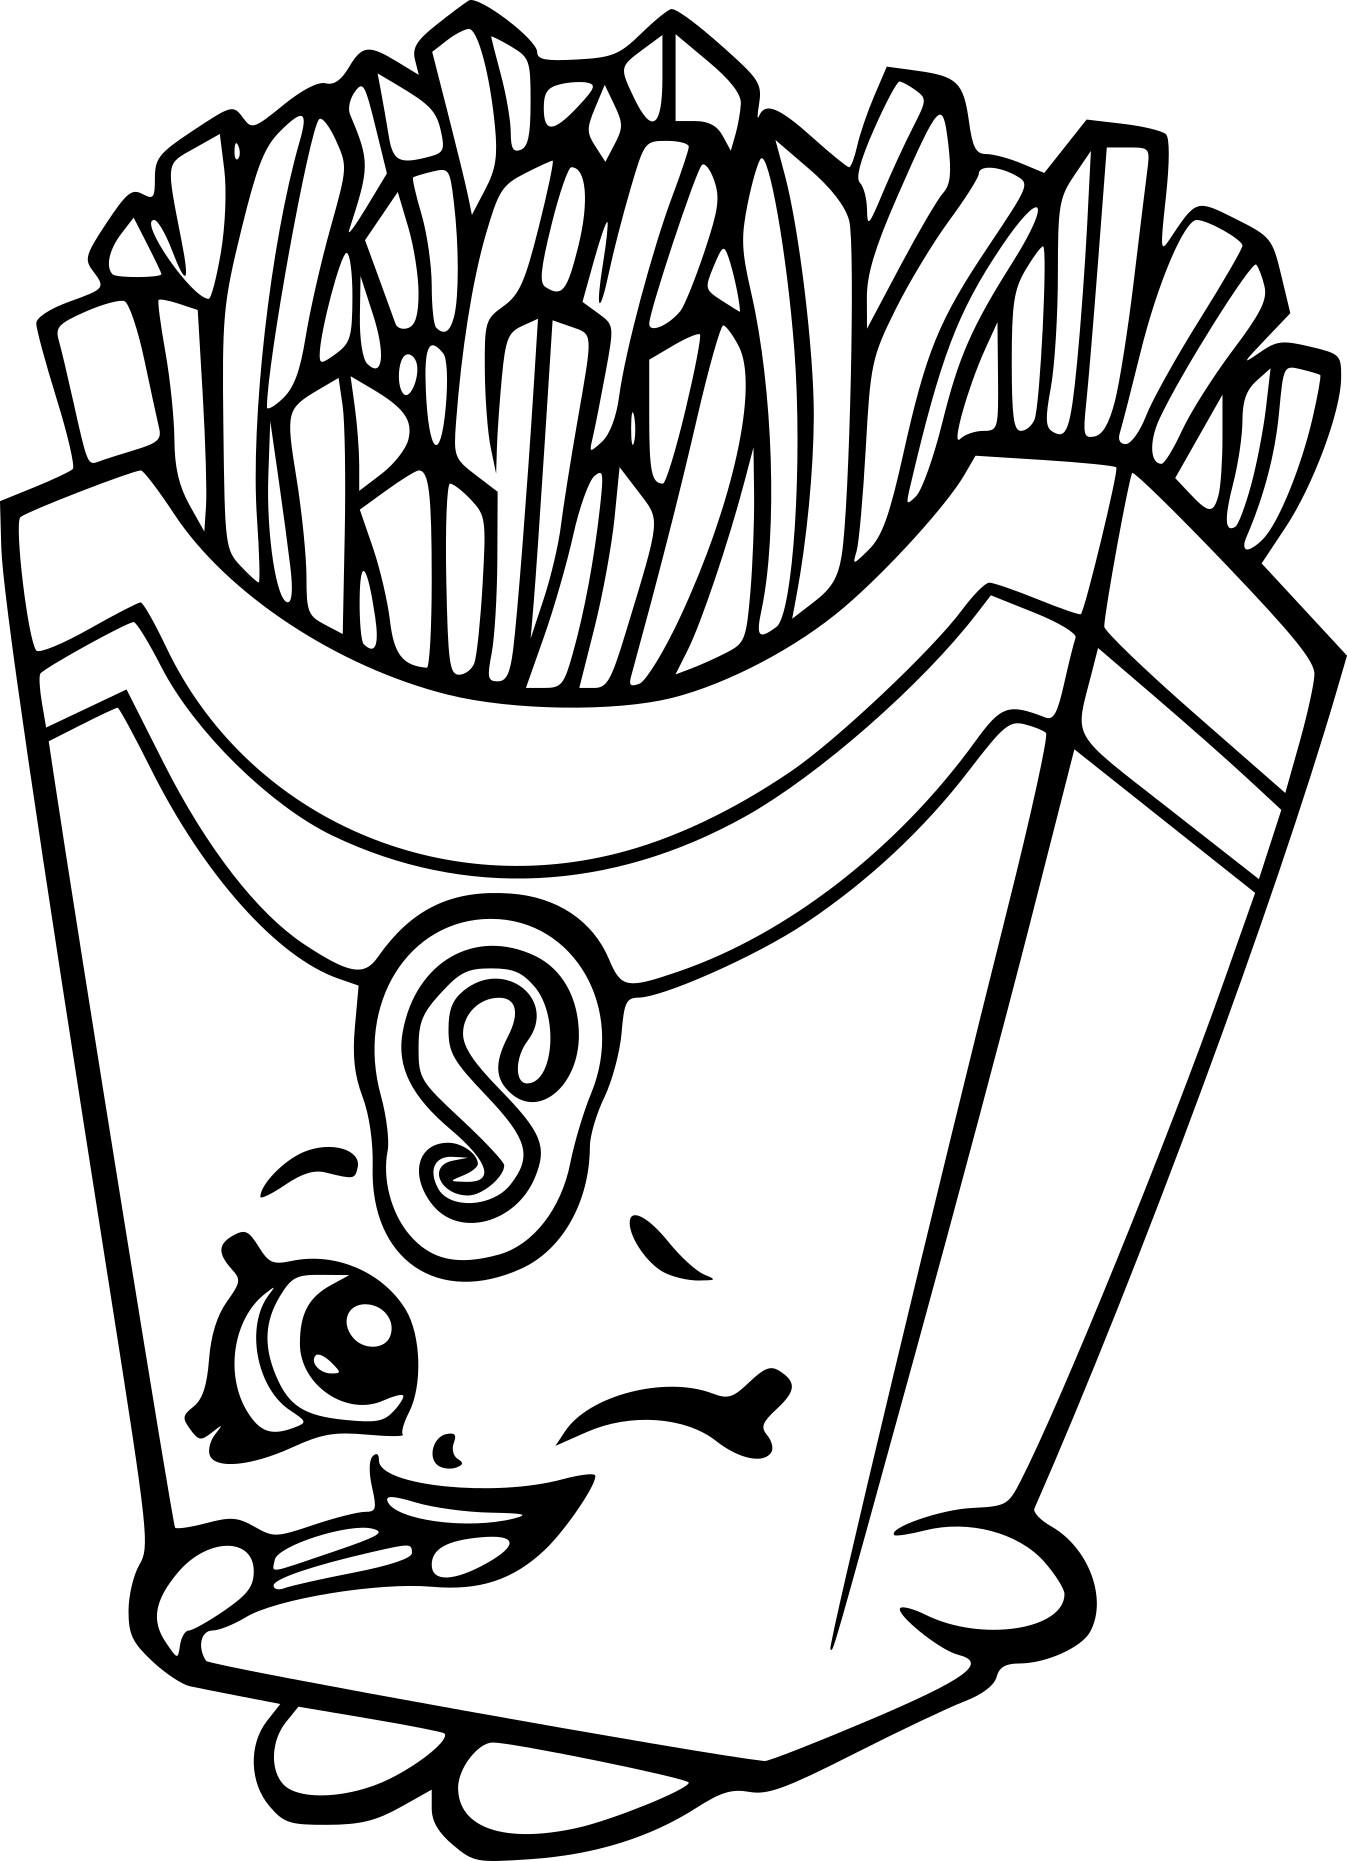 Coloriage Shopkins Frites À Imprimer Gratuit concernant Dessins Acolorier